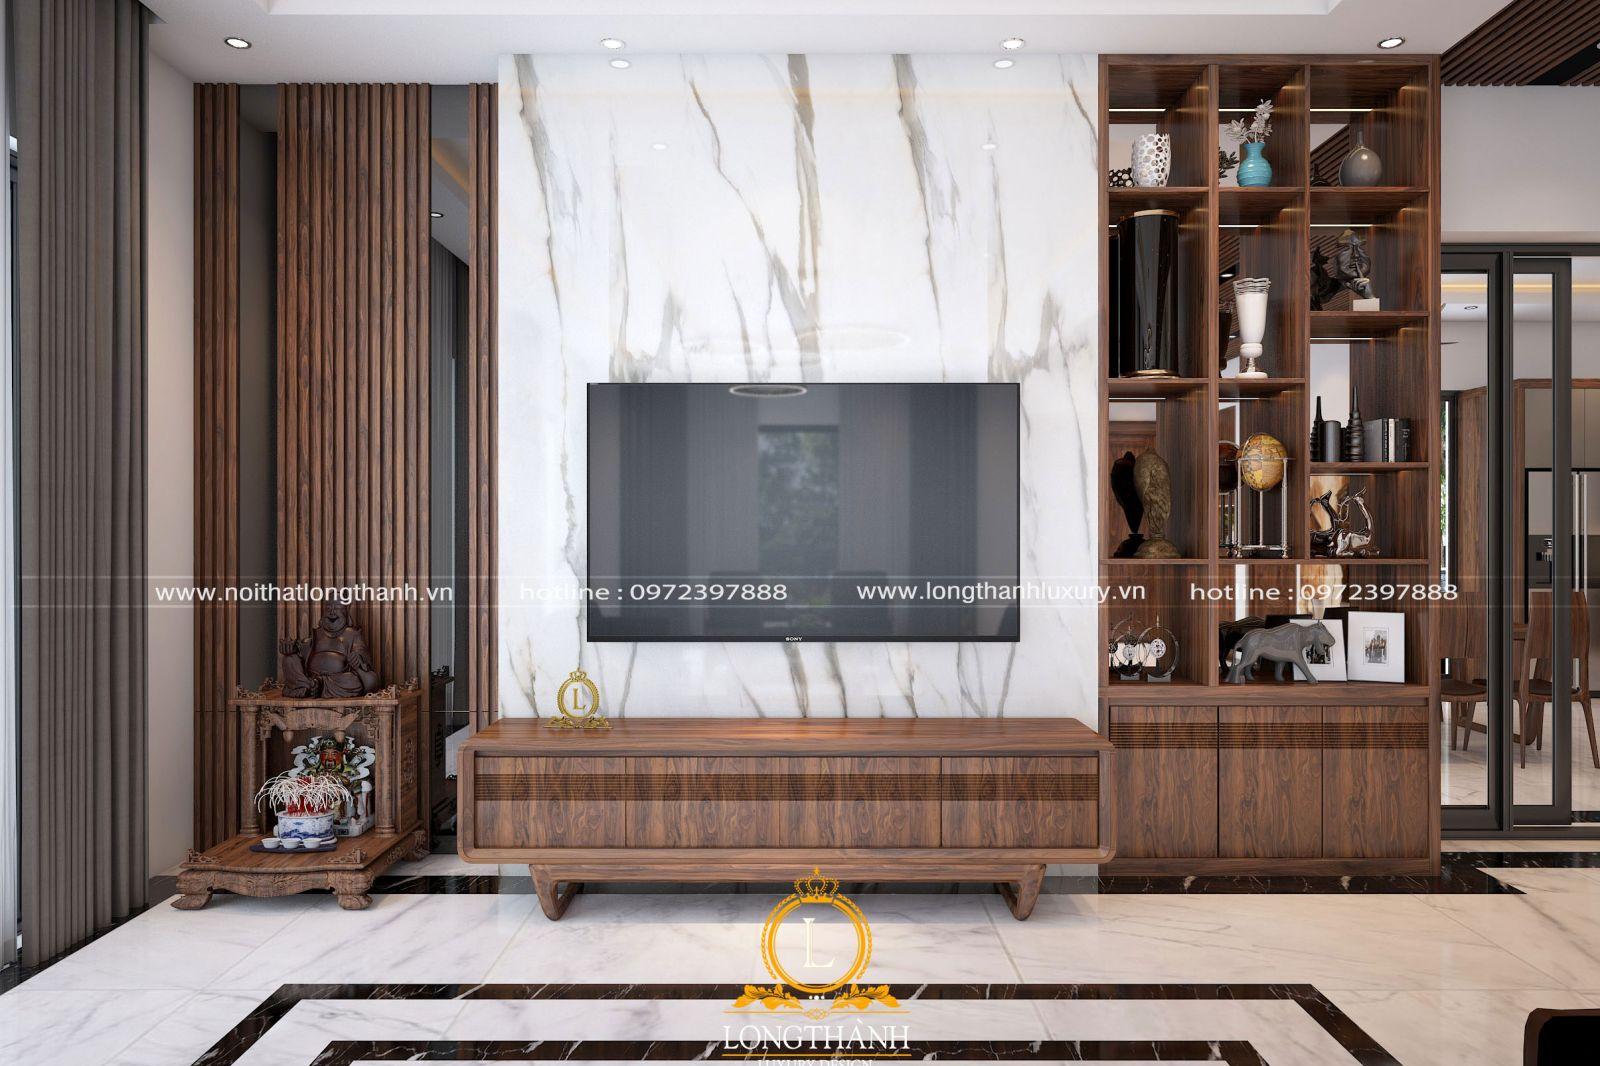 Kệ tivi cho phòng khách hiện đại